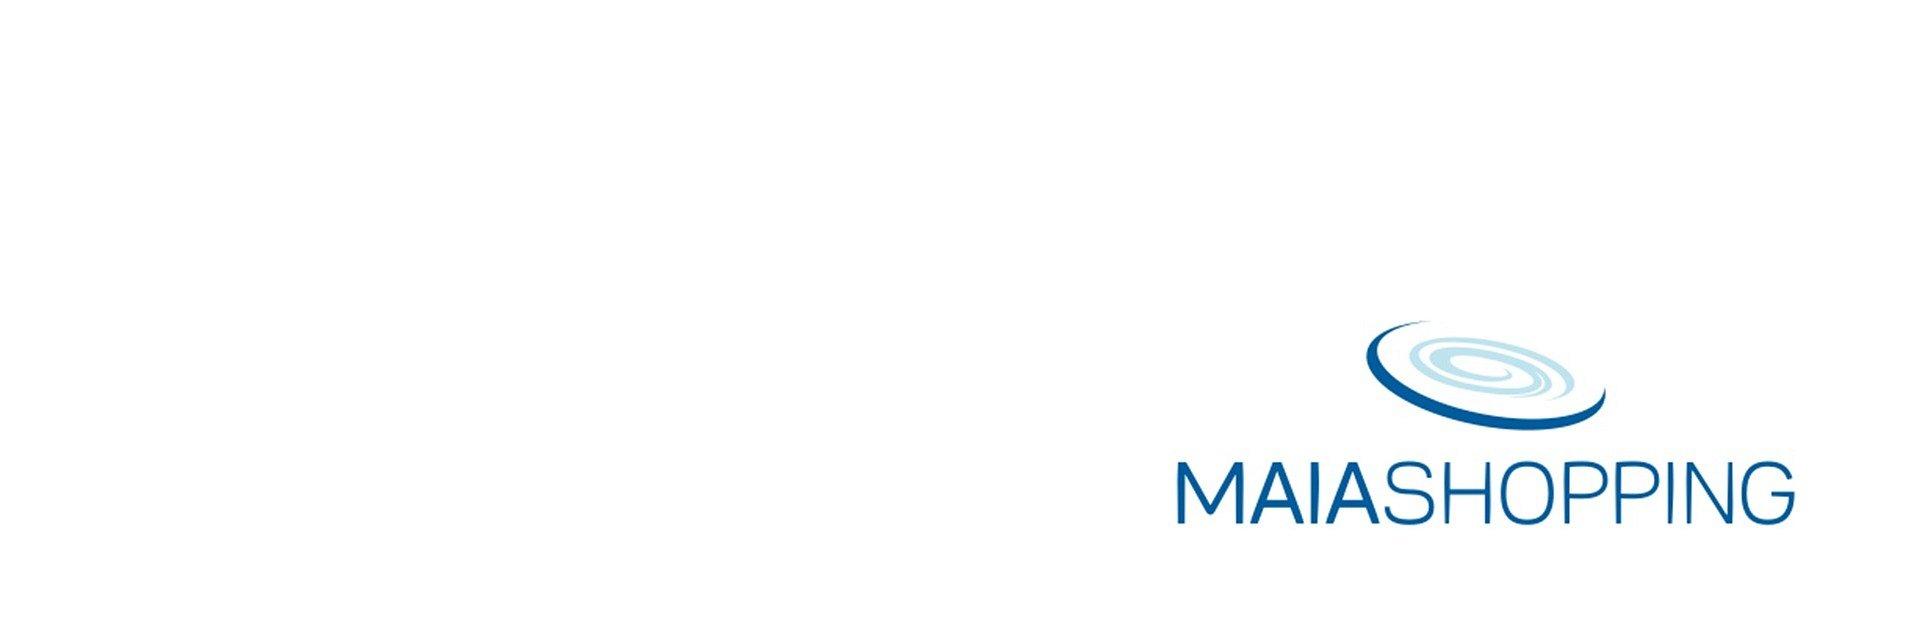 MaiaShopping promove atividades gratuitas sobre o regresso às aulas